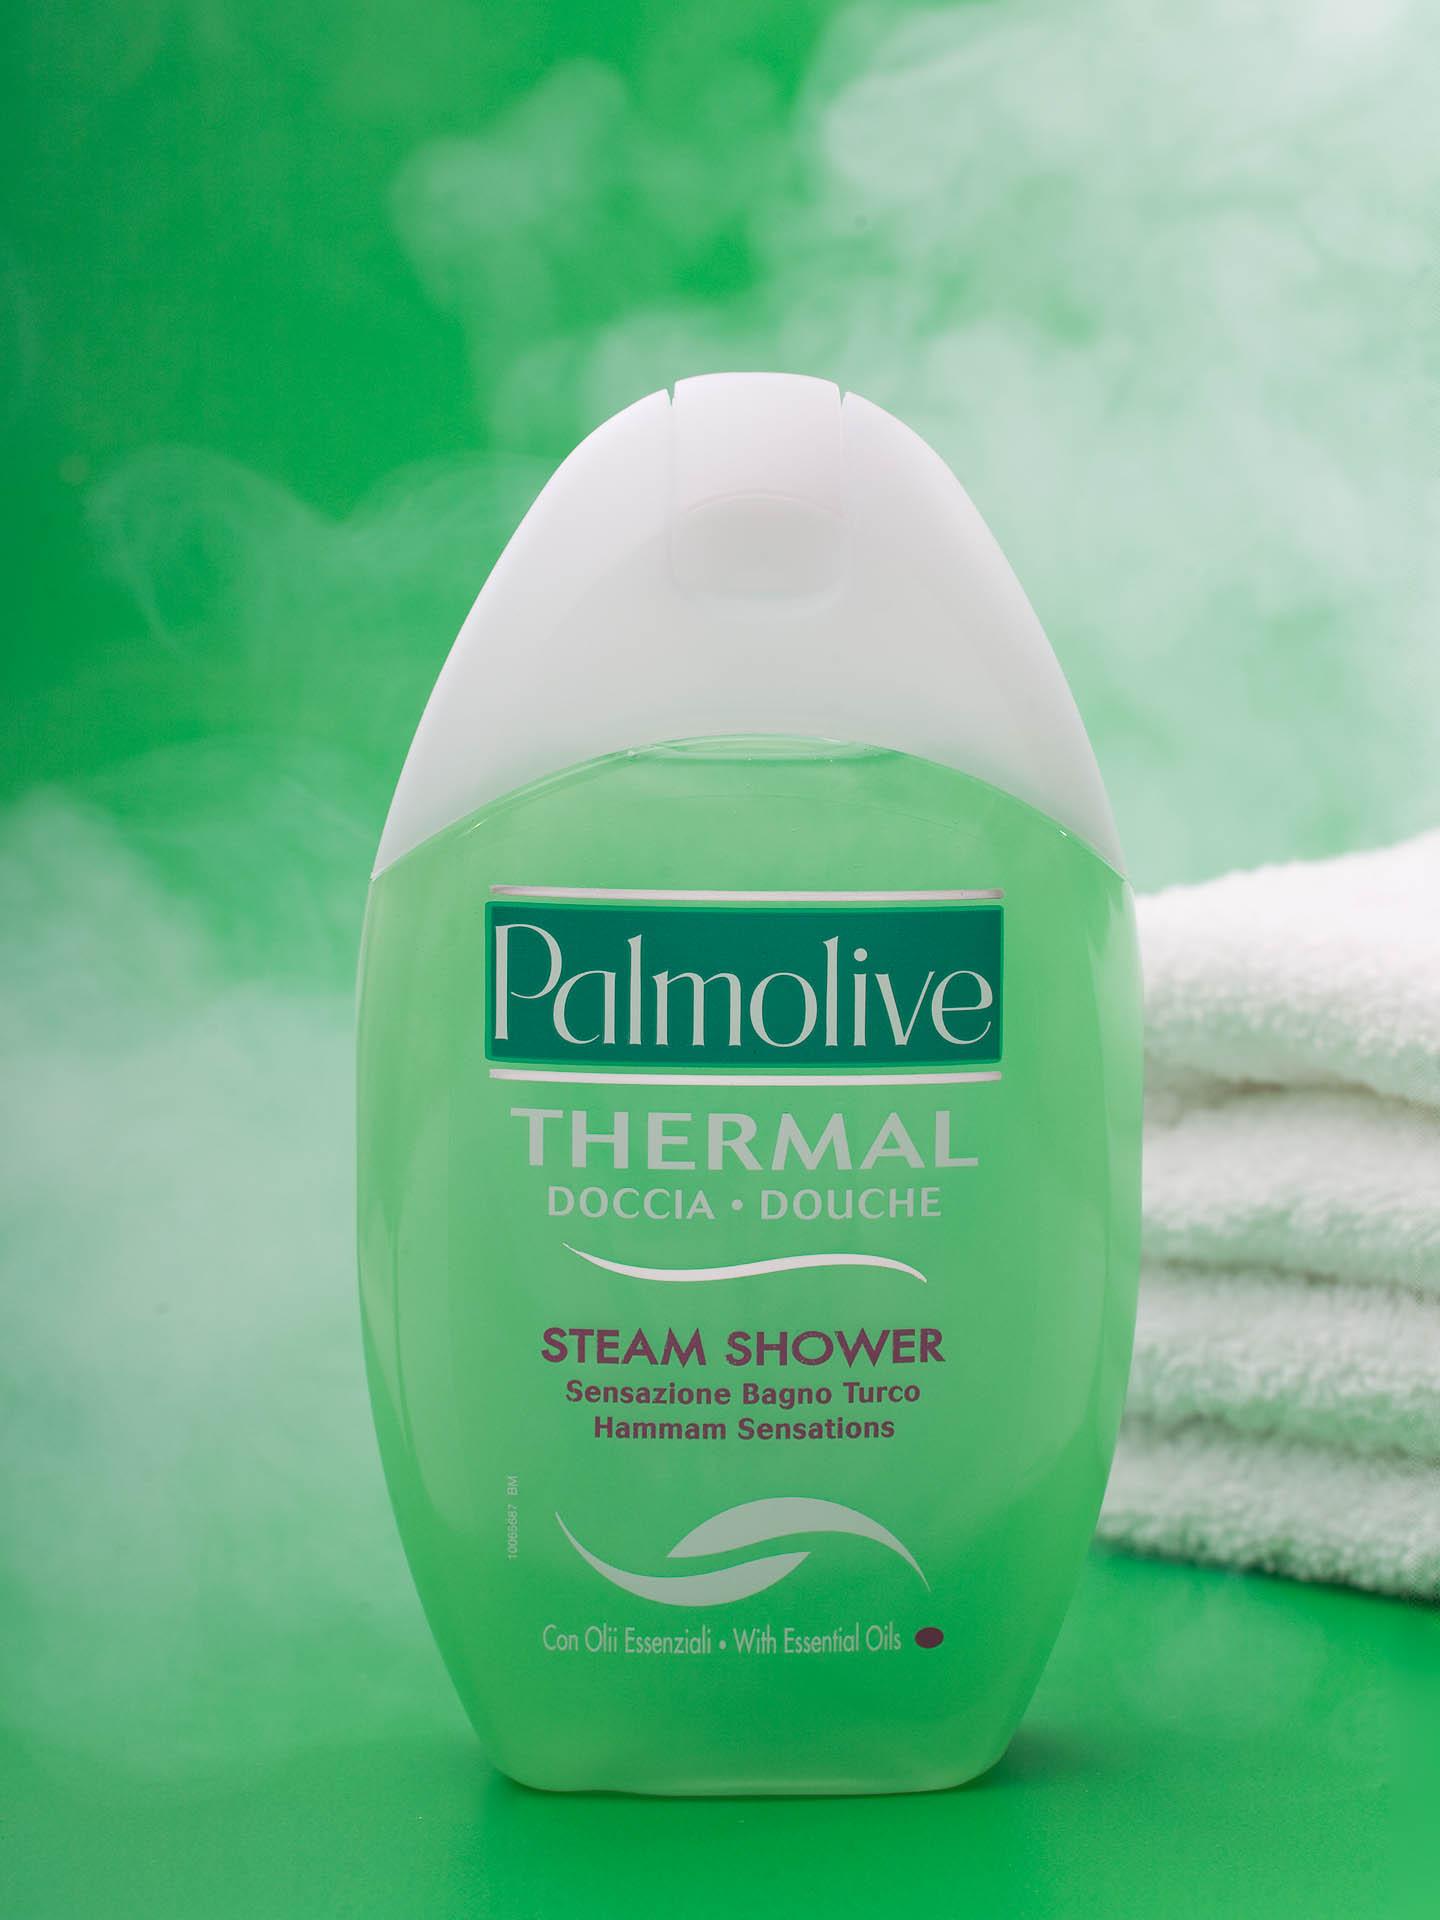 Productfoto van Palmolive Steamshower gefotografeerd door Robert Zwart productfotograaf